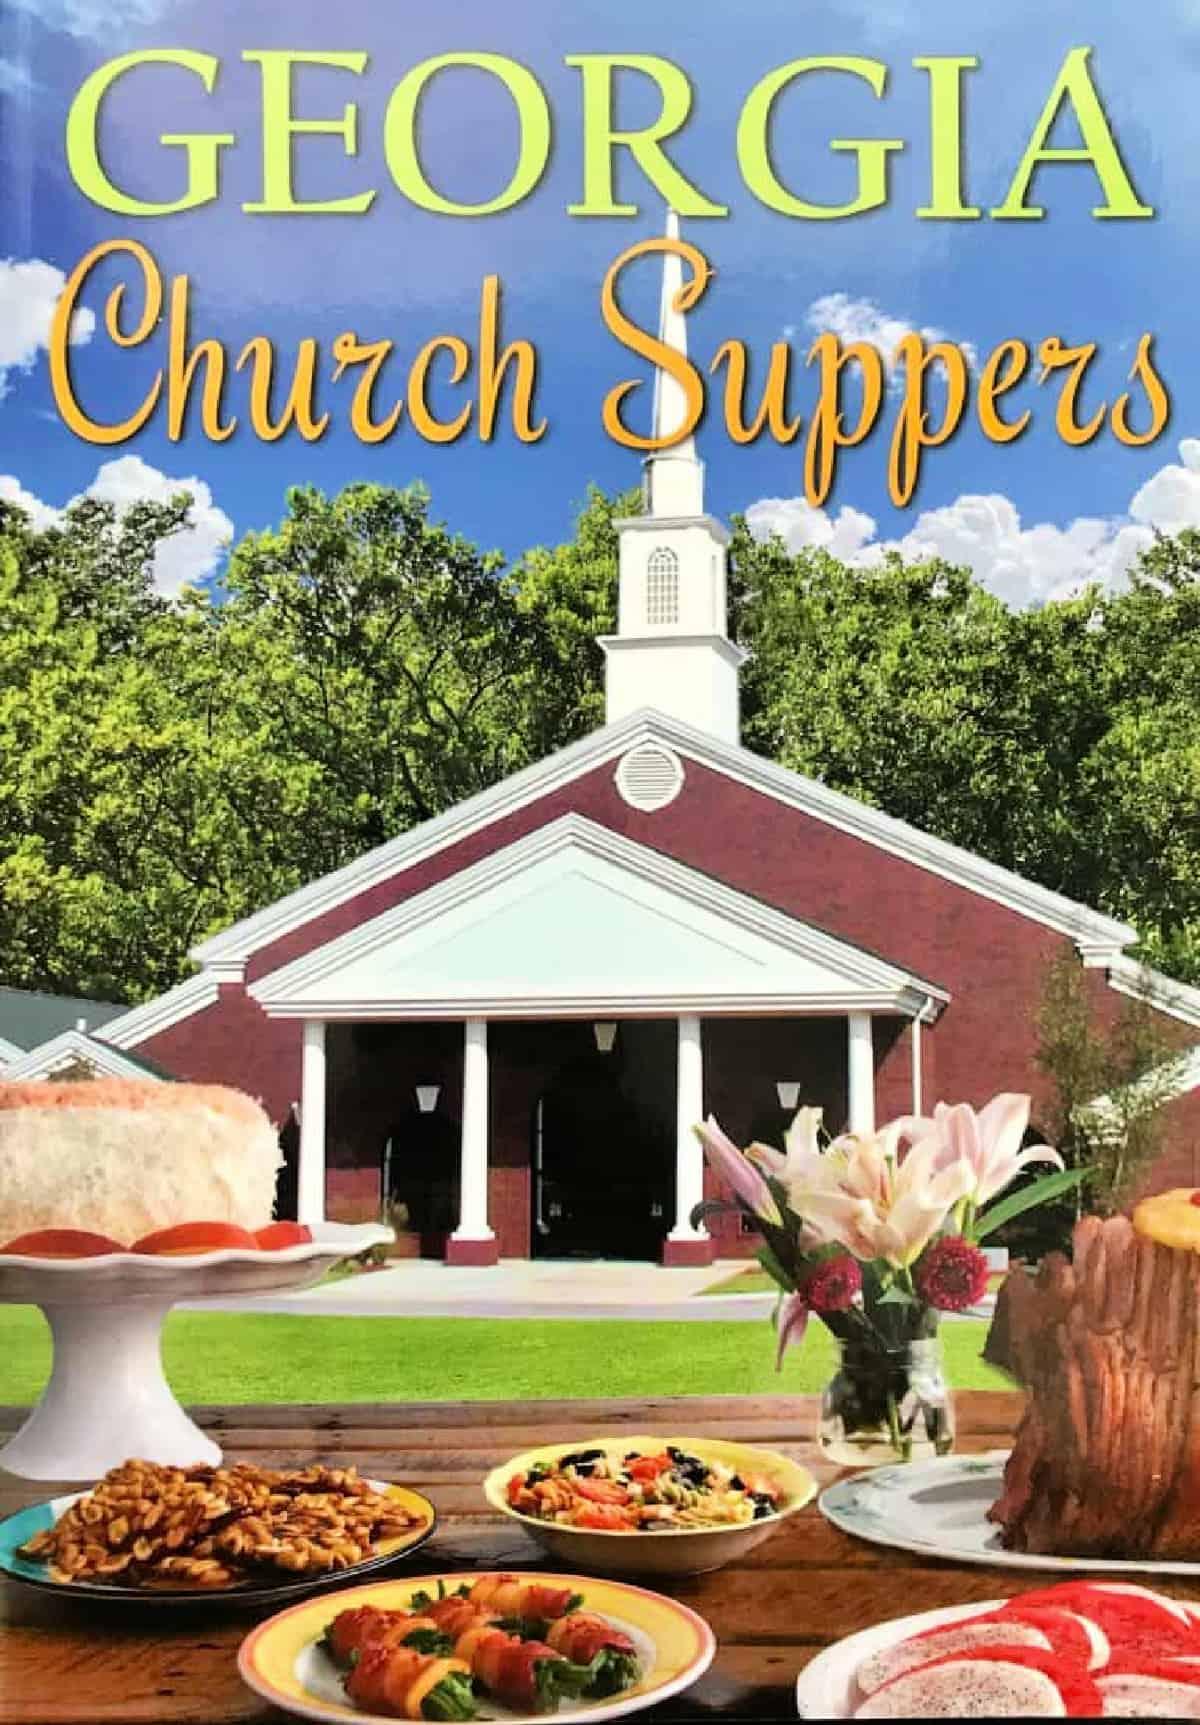 Georgia Church Suppers Cookbook